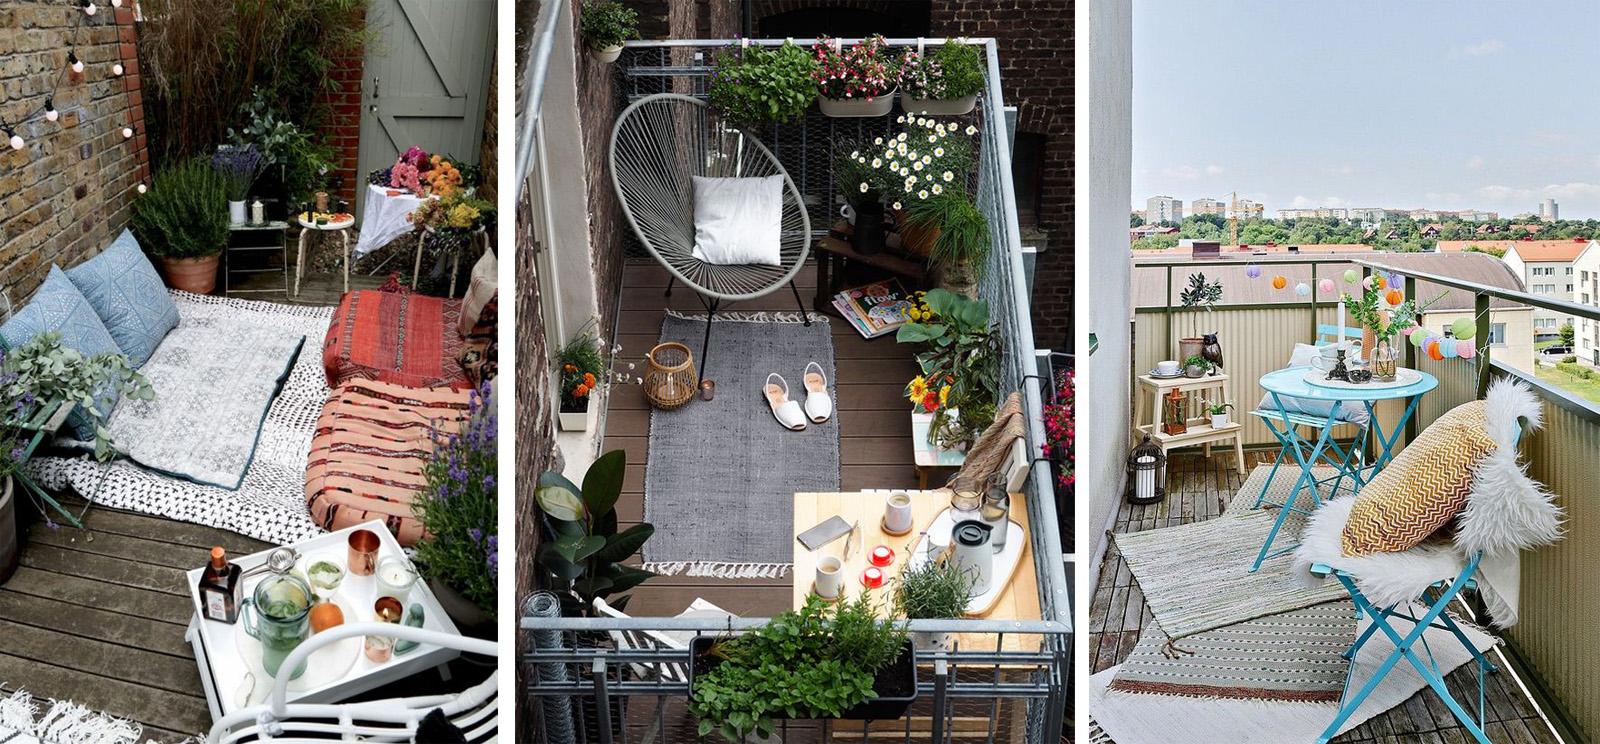 Divanetto Per Balcone Piccolo 5 consigli per arredare e valorizzare una balcone piccolo